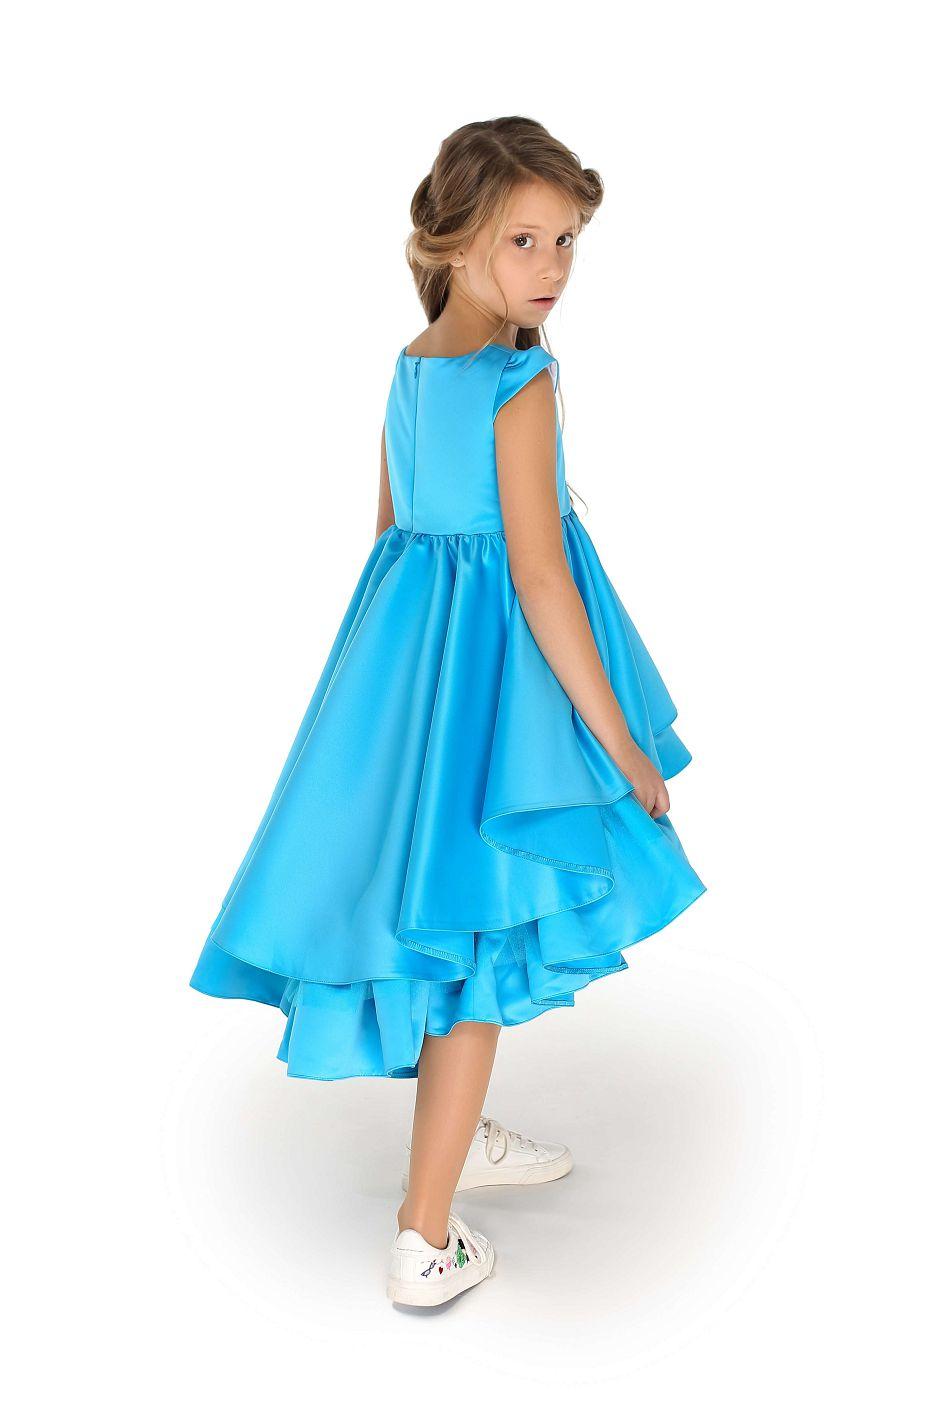 Блакитна сукня з воланами з атласу на дівчинку